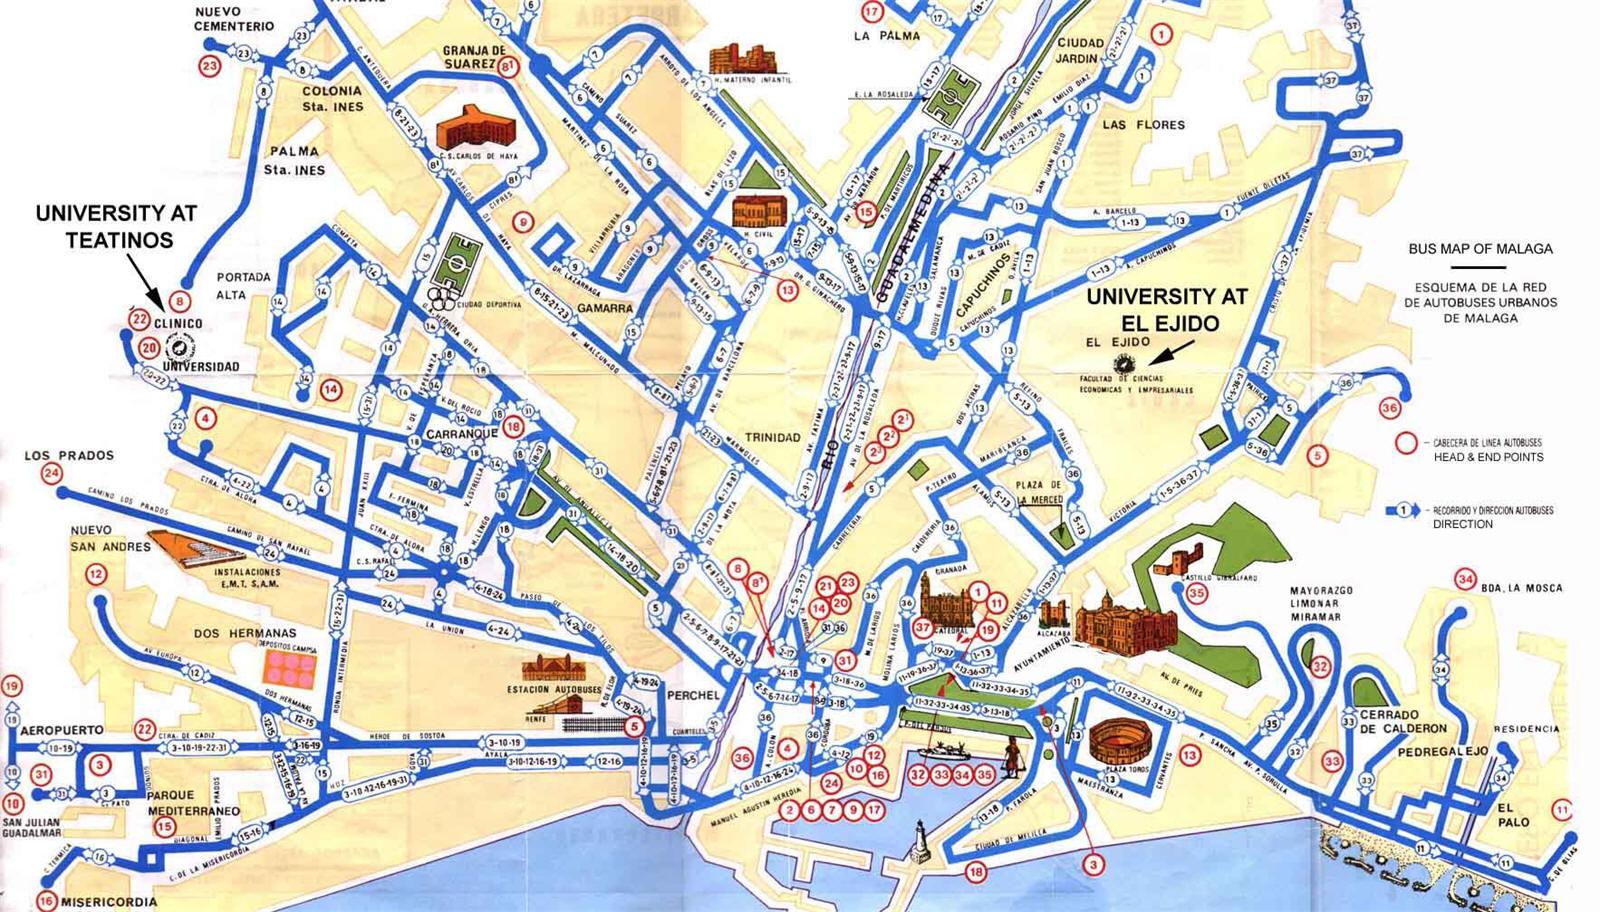 Городской и пригородный транспорт кальпе